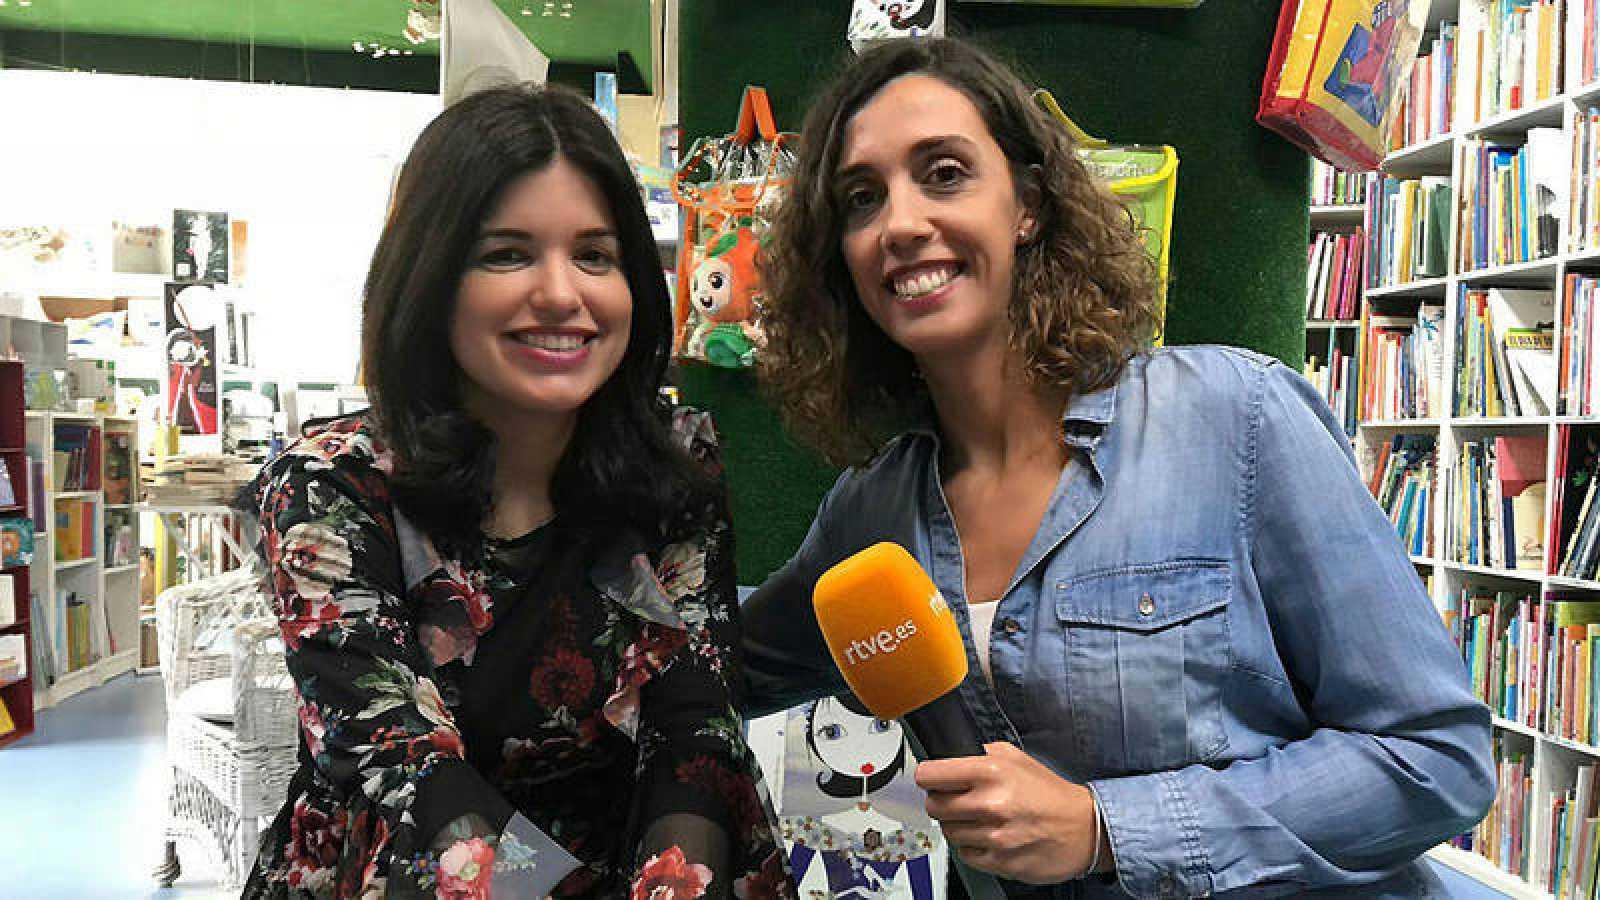 Cristina Hermoso de Mendoza y Raquel M. Alonso